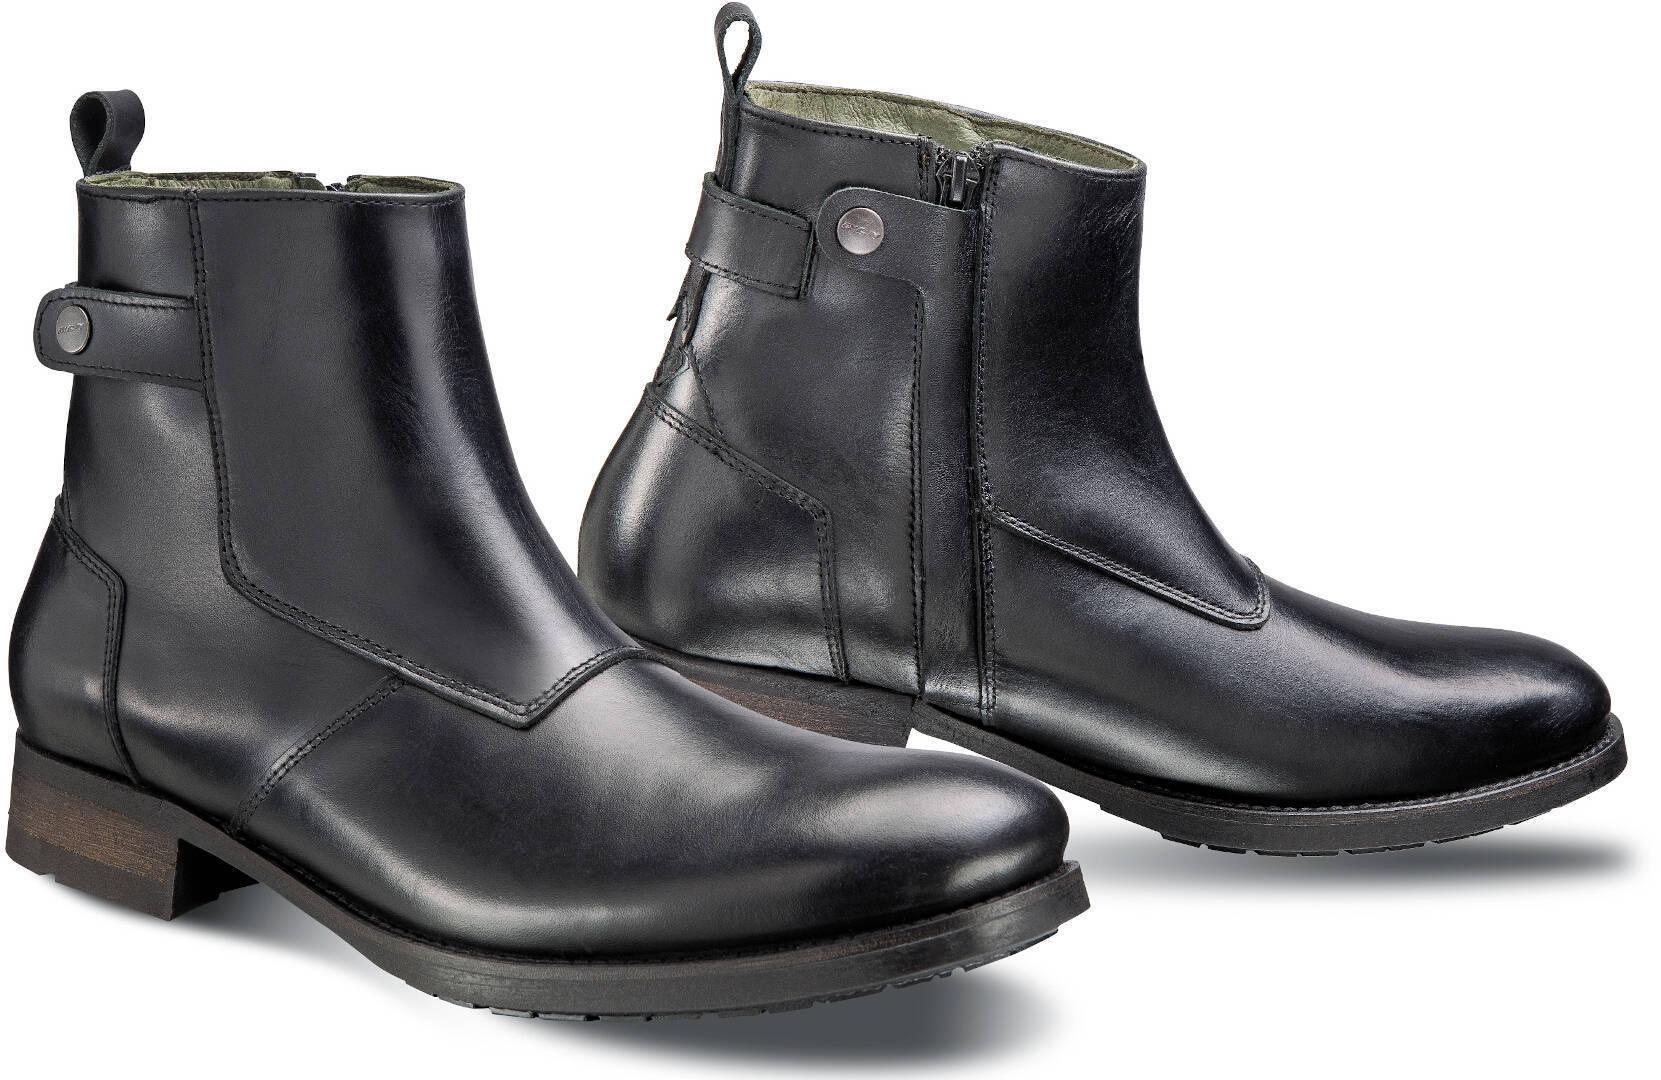 Ixon Hoxton Motorradstiefel, schwarz, Größe 46, schwarz, Größe 46